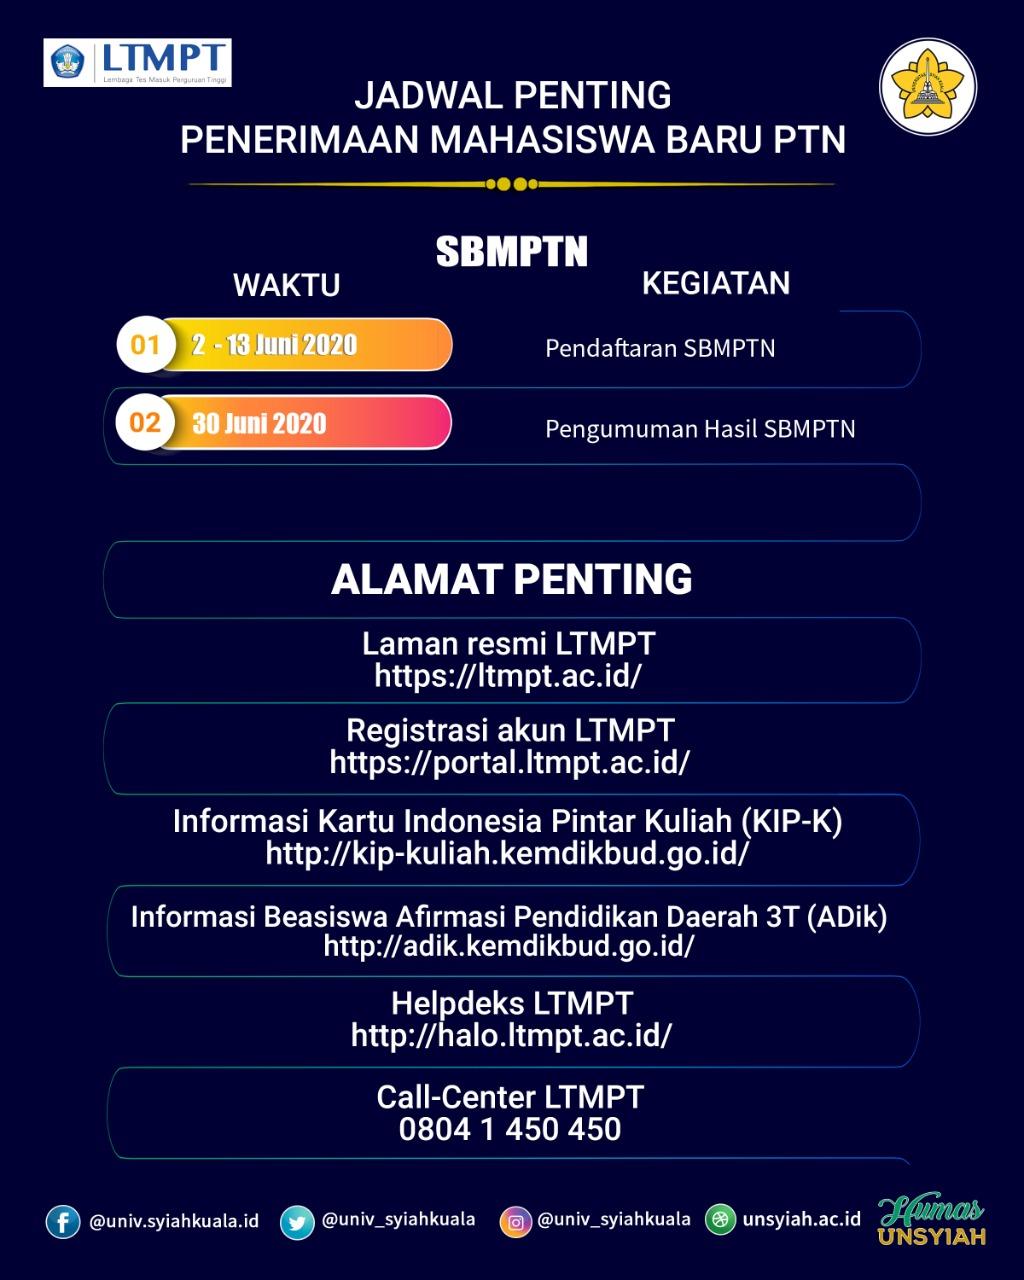 Ikut Seleksi Masuk Ptn Calon Peserta Wajib Daftar Di Ltmpt Universitas Syiah Kuala